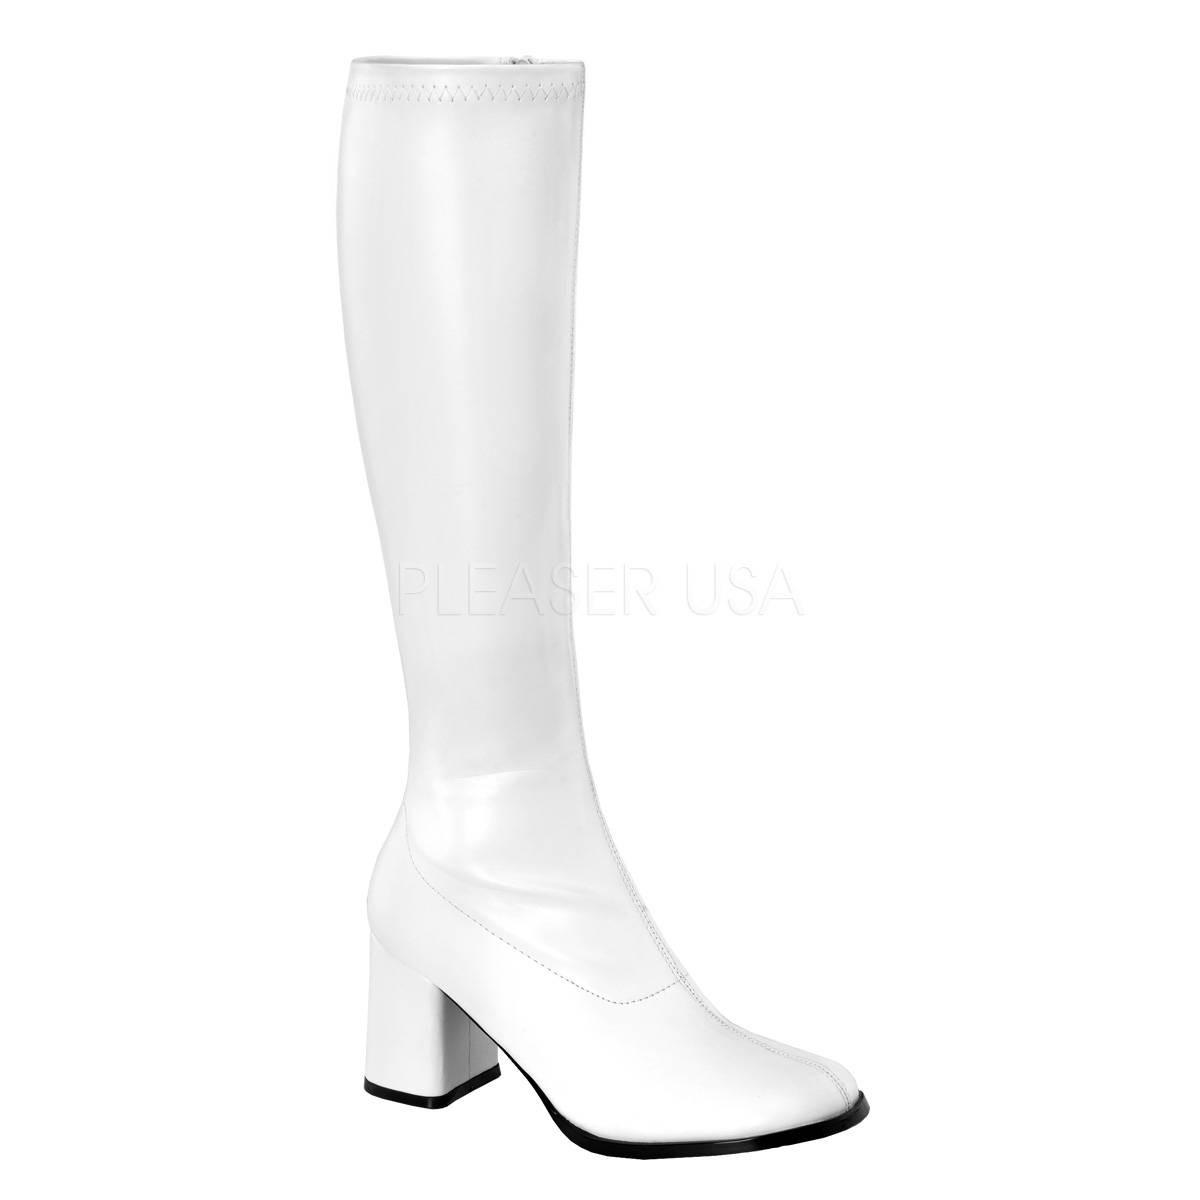 Stiefel - GOGO 300 ° Damen Stiefel ° Weiß Matt ° Funtasma  - Onlineshop RedSixty